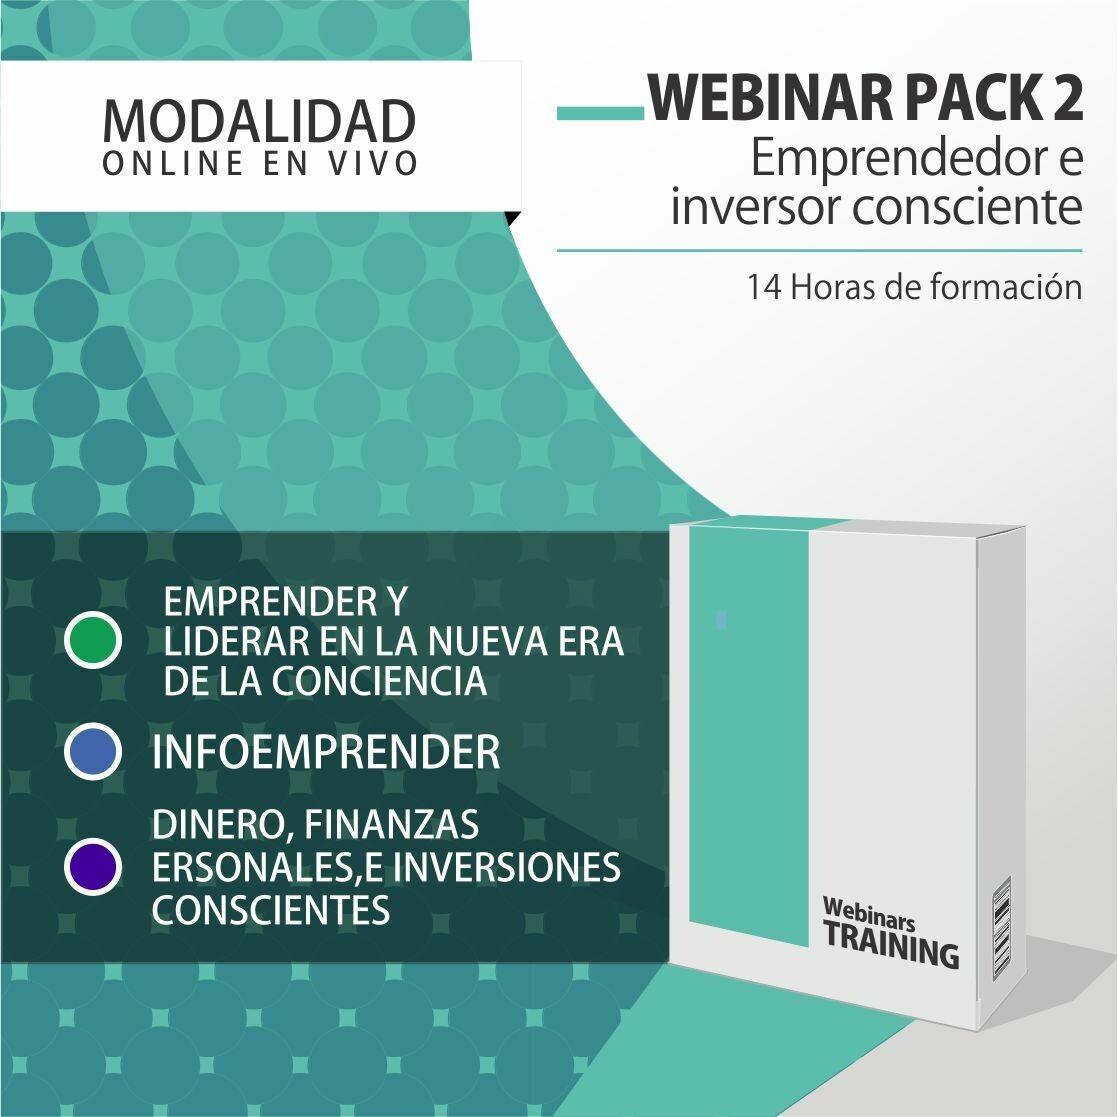 Pack Cursos Online 2:  PACK EMPRENDEDOR E INVERSOR CONSCIENTE